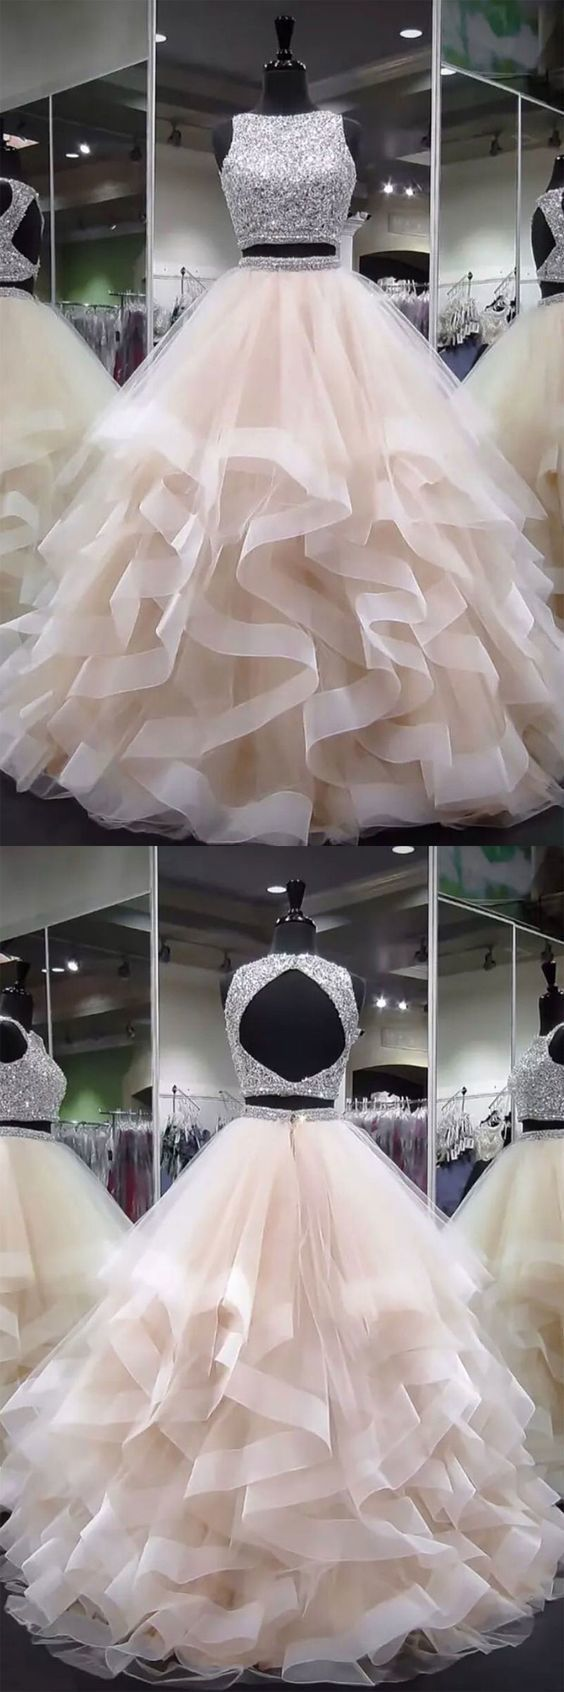 Leichte Champagner Tüll Perlen Pailletten langes Abendkleid Champagner Abendkleid g528    #schuhs